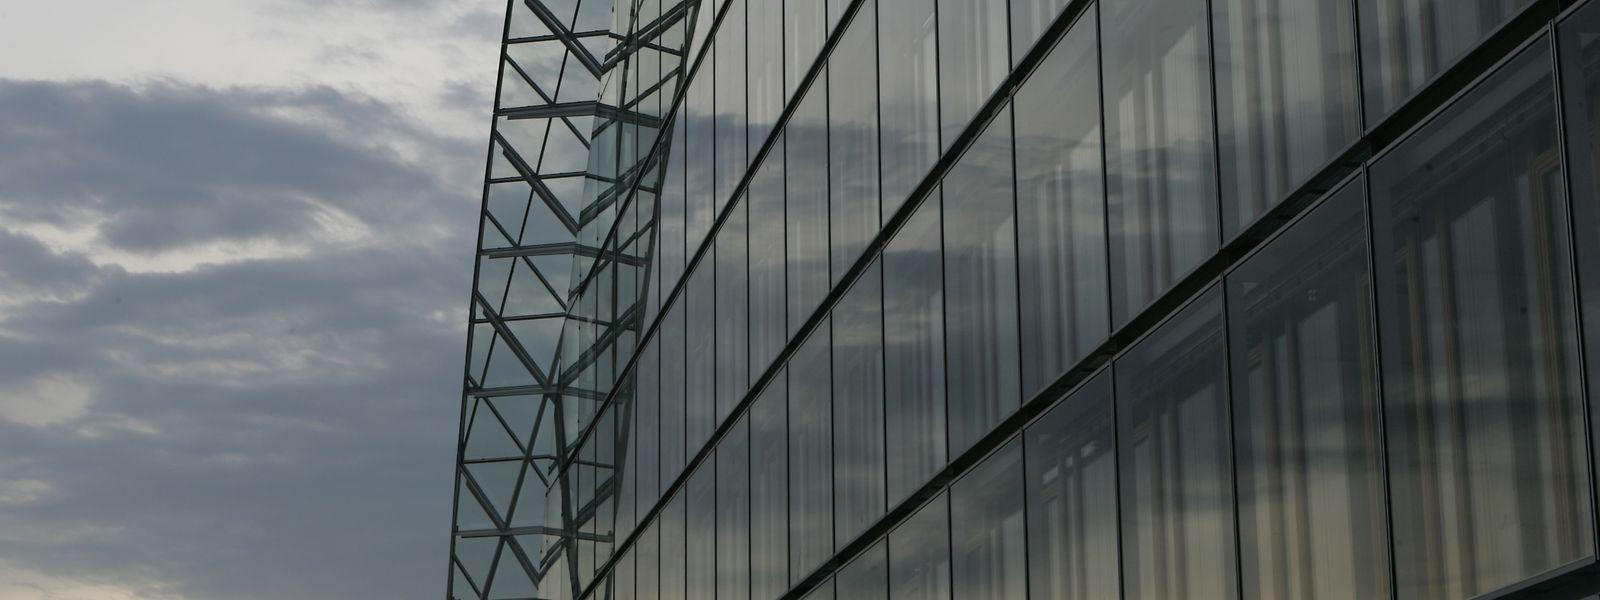 Im November 2013 ereignete sich ein tragischer Vorfall im Gebäude der Europäischen Investitionsbank in Kirchberg.